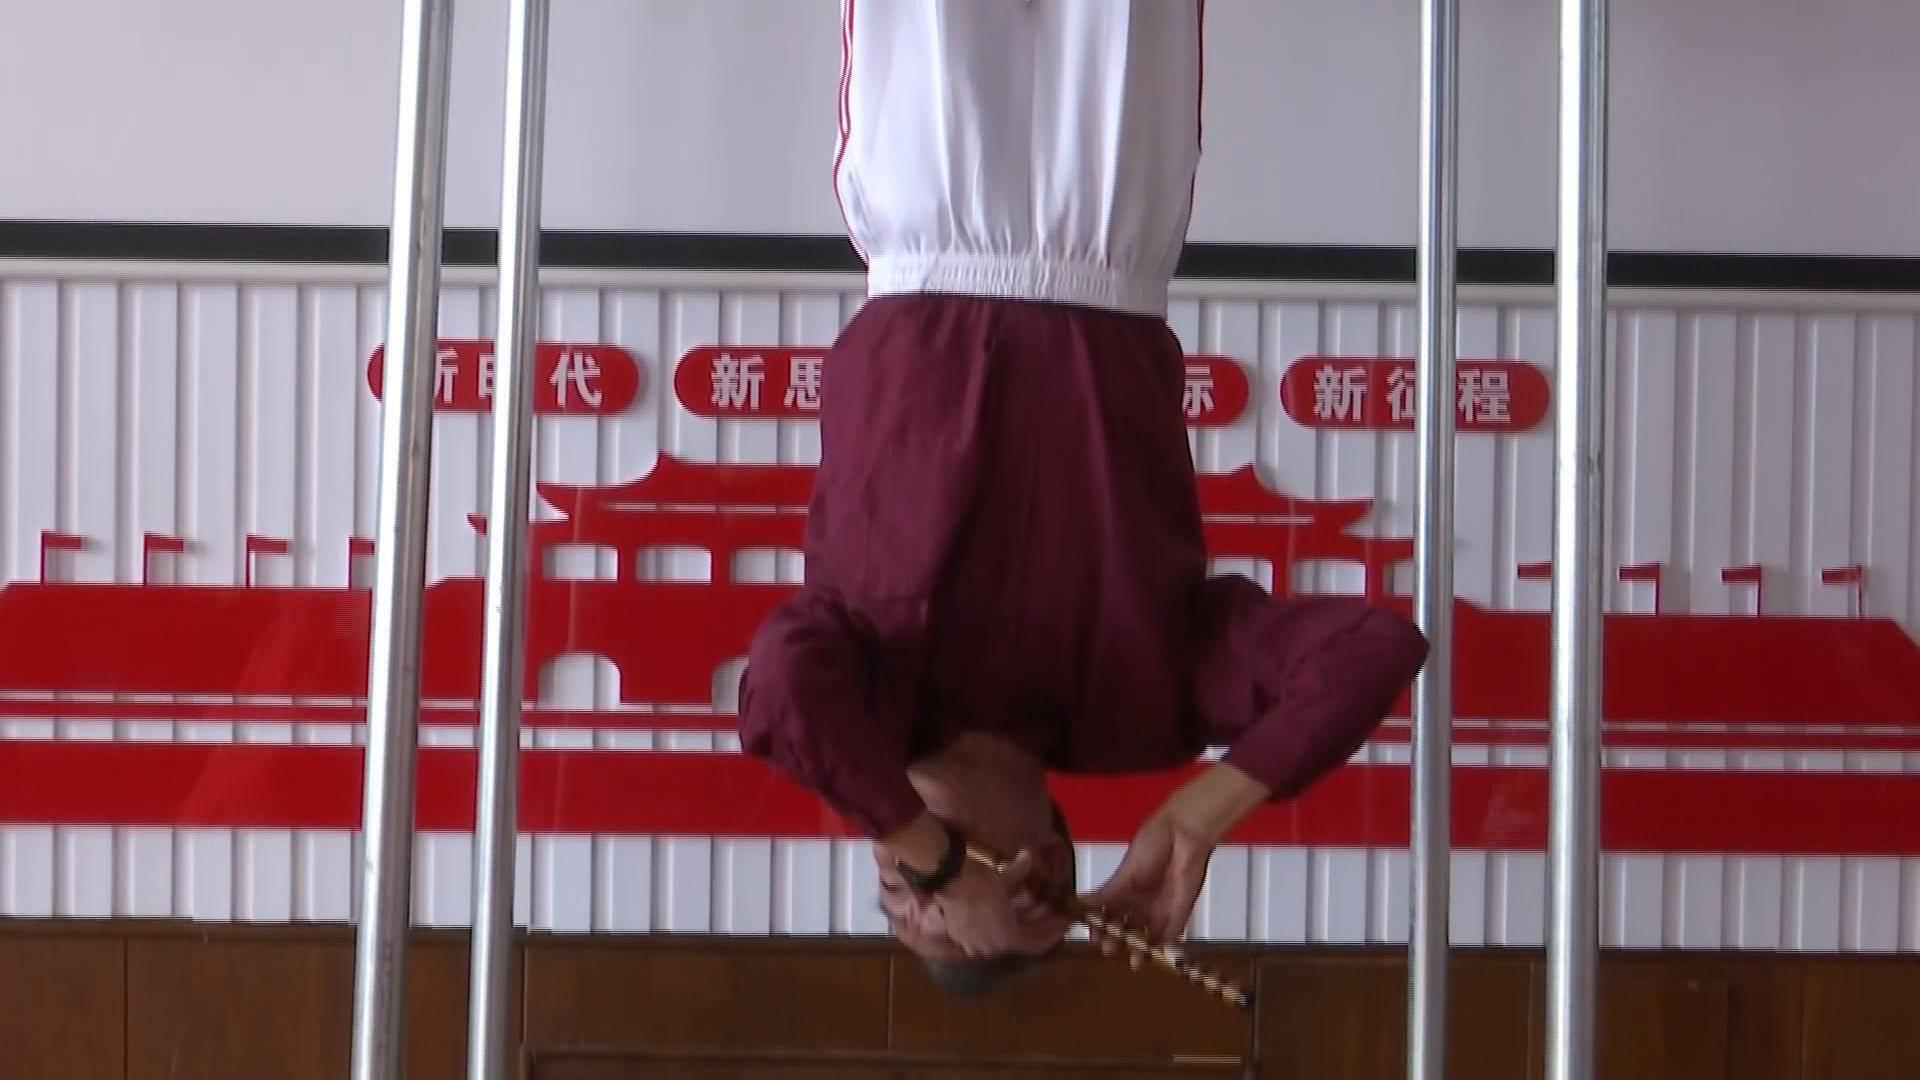 55秒|不服老!淄博7旬老人倒挂吹笛子锻炼身体